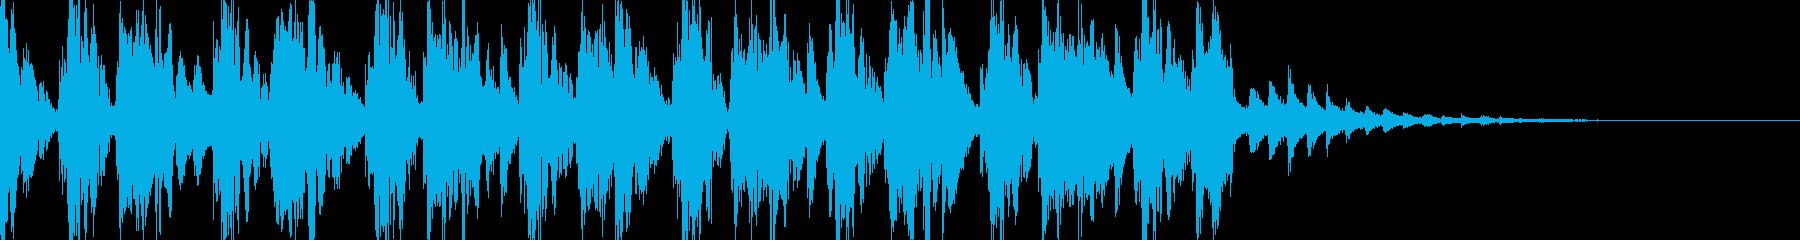 軽快なアテンション音の再生済みの波形